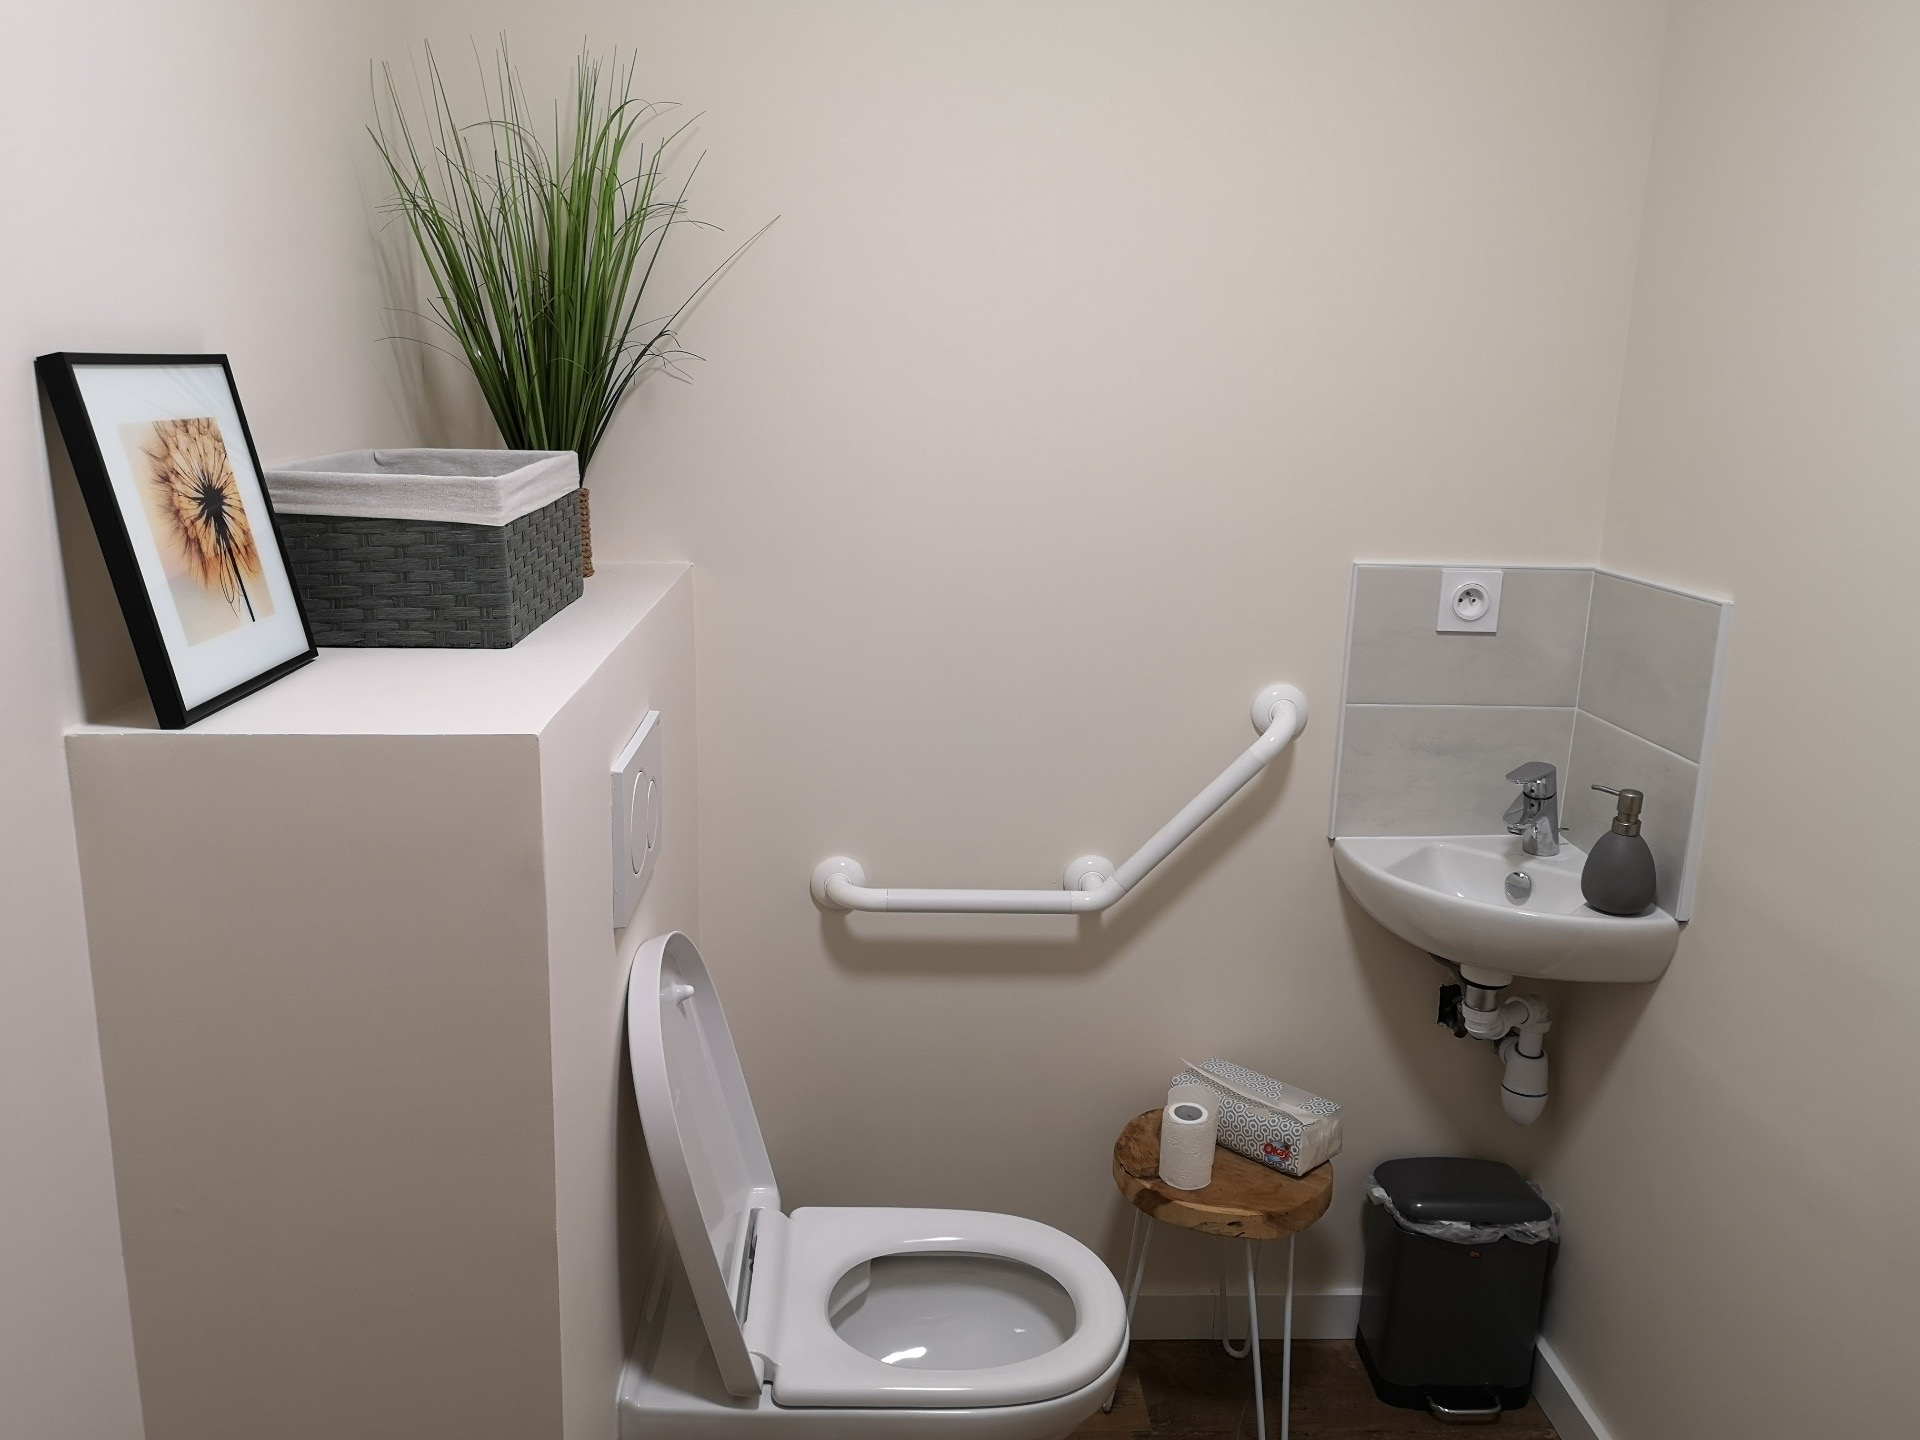 creation d'un toilette de type pmr